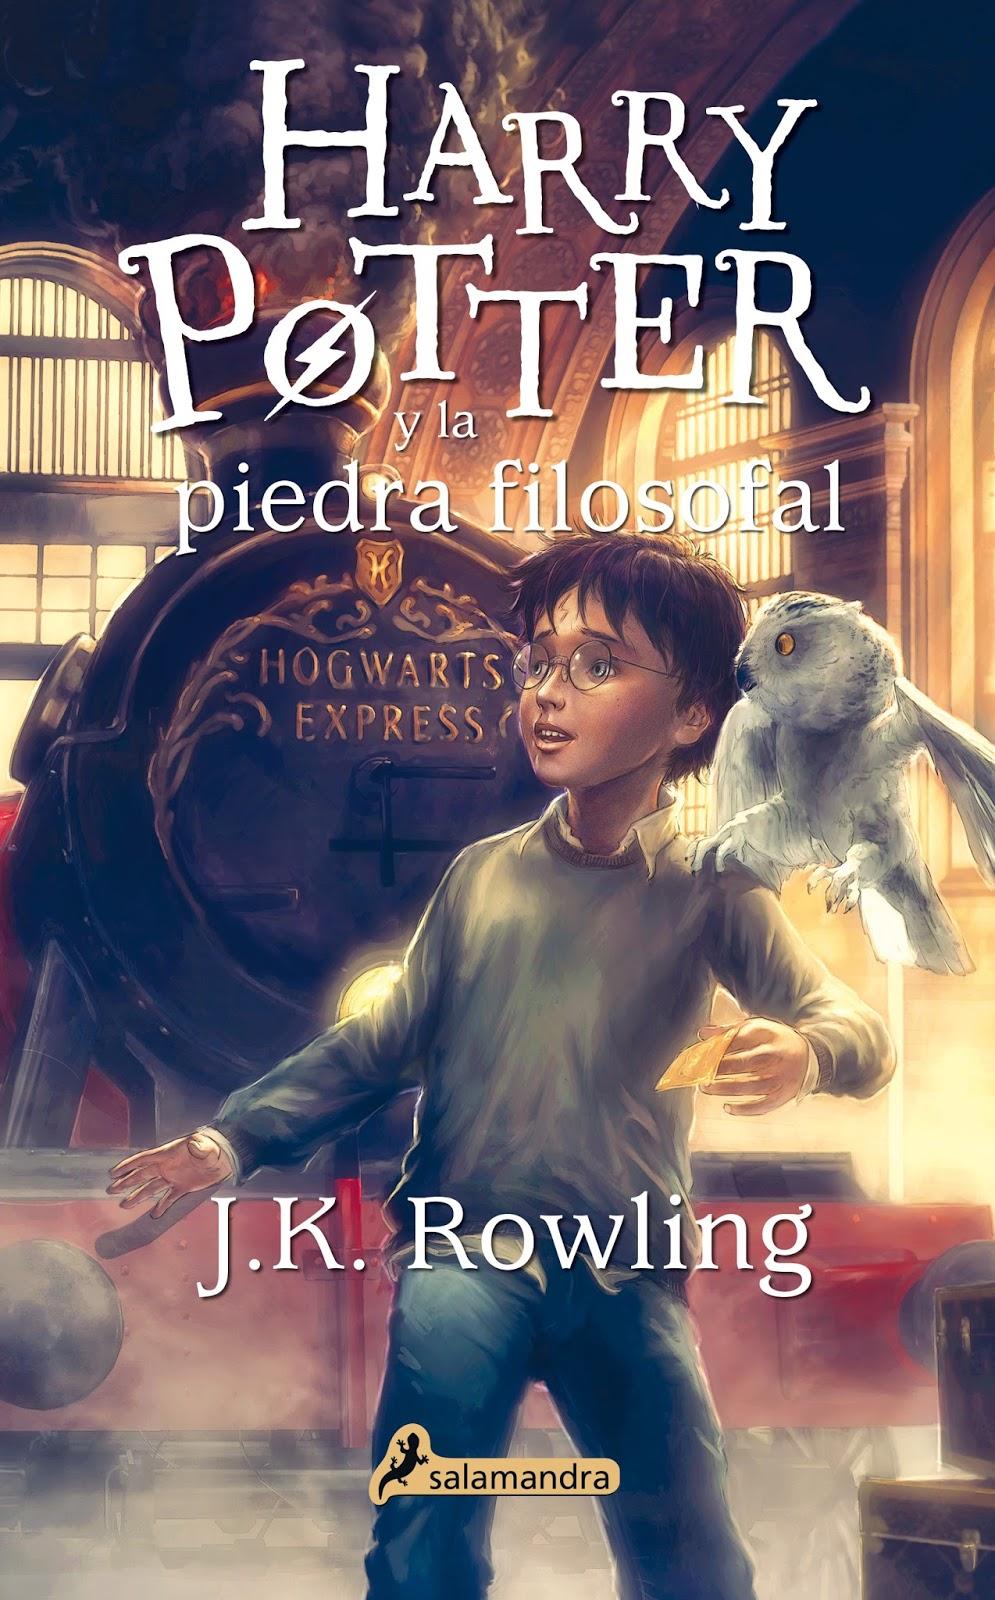 Reseña: Harry Potter y la piedra filosofal